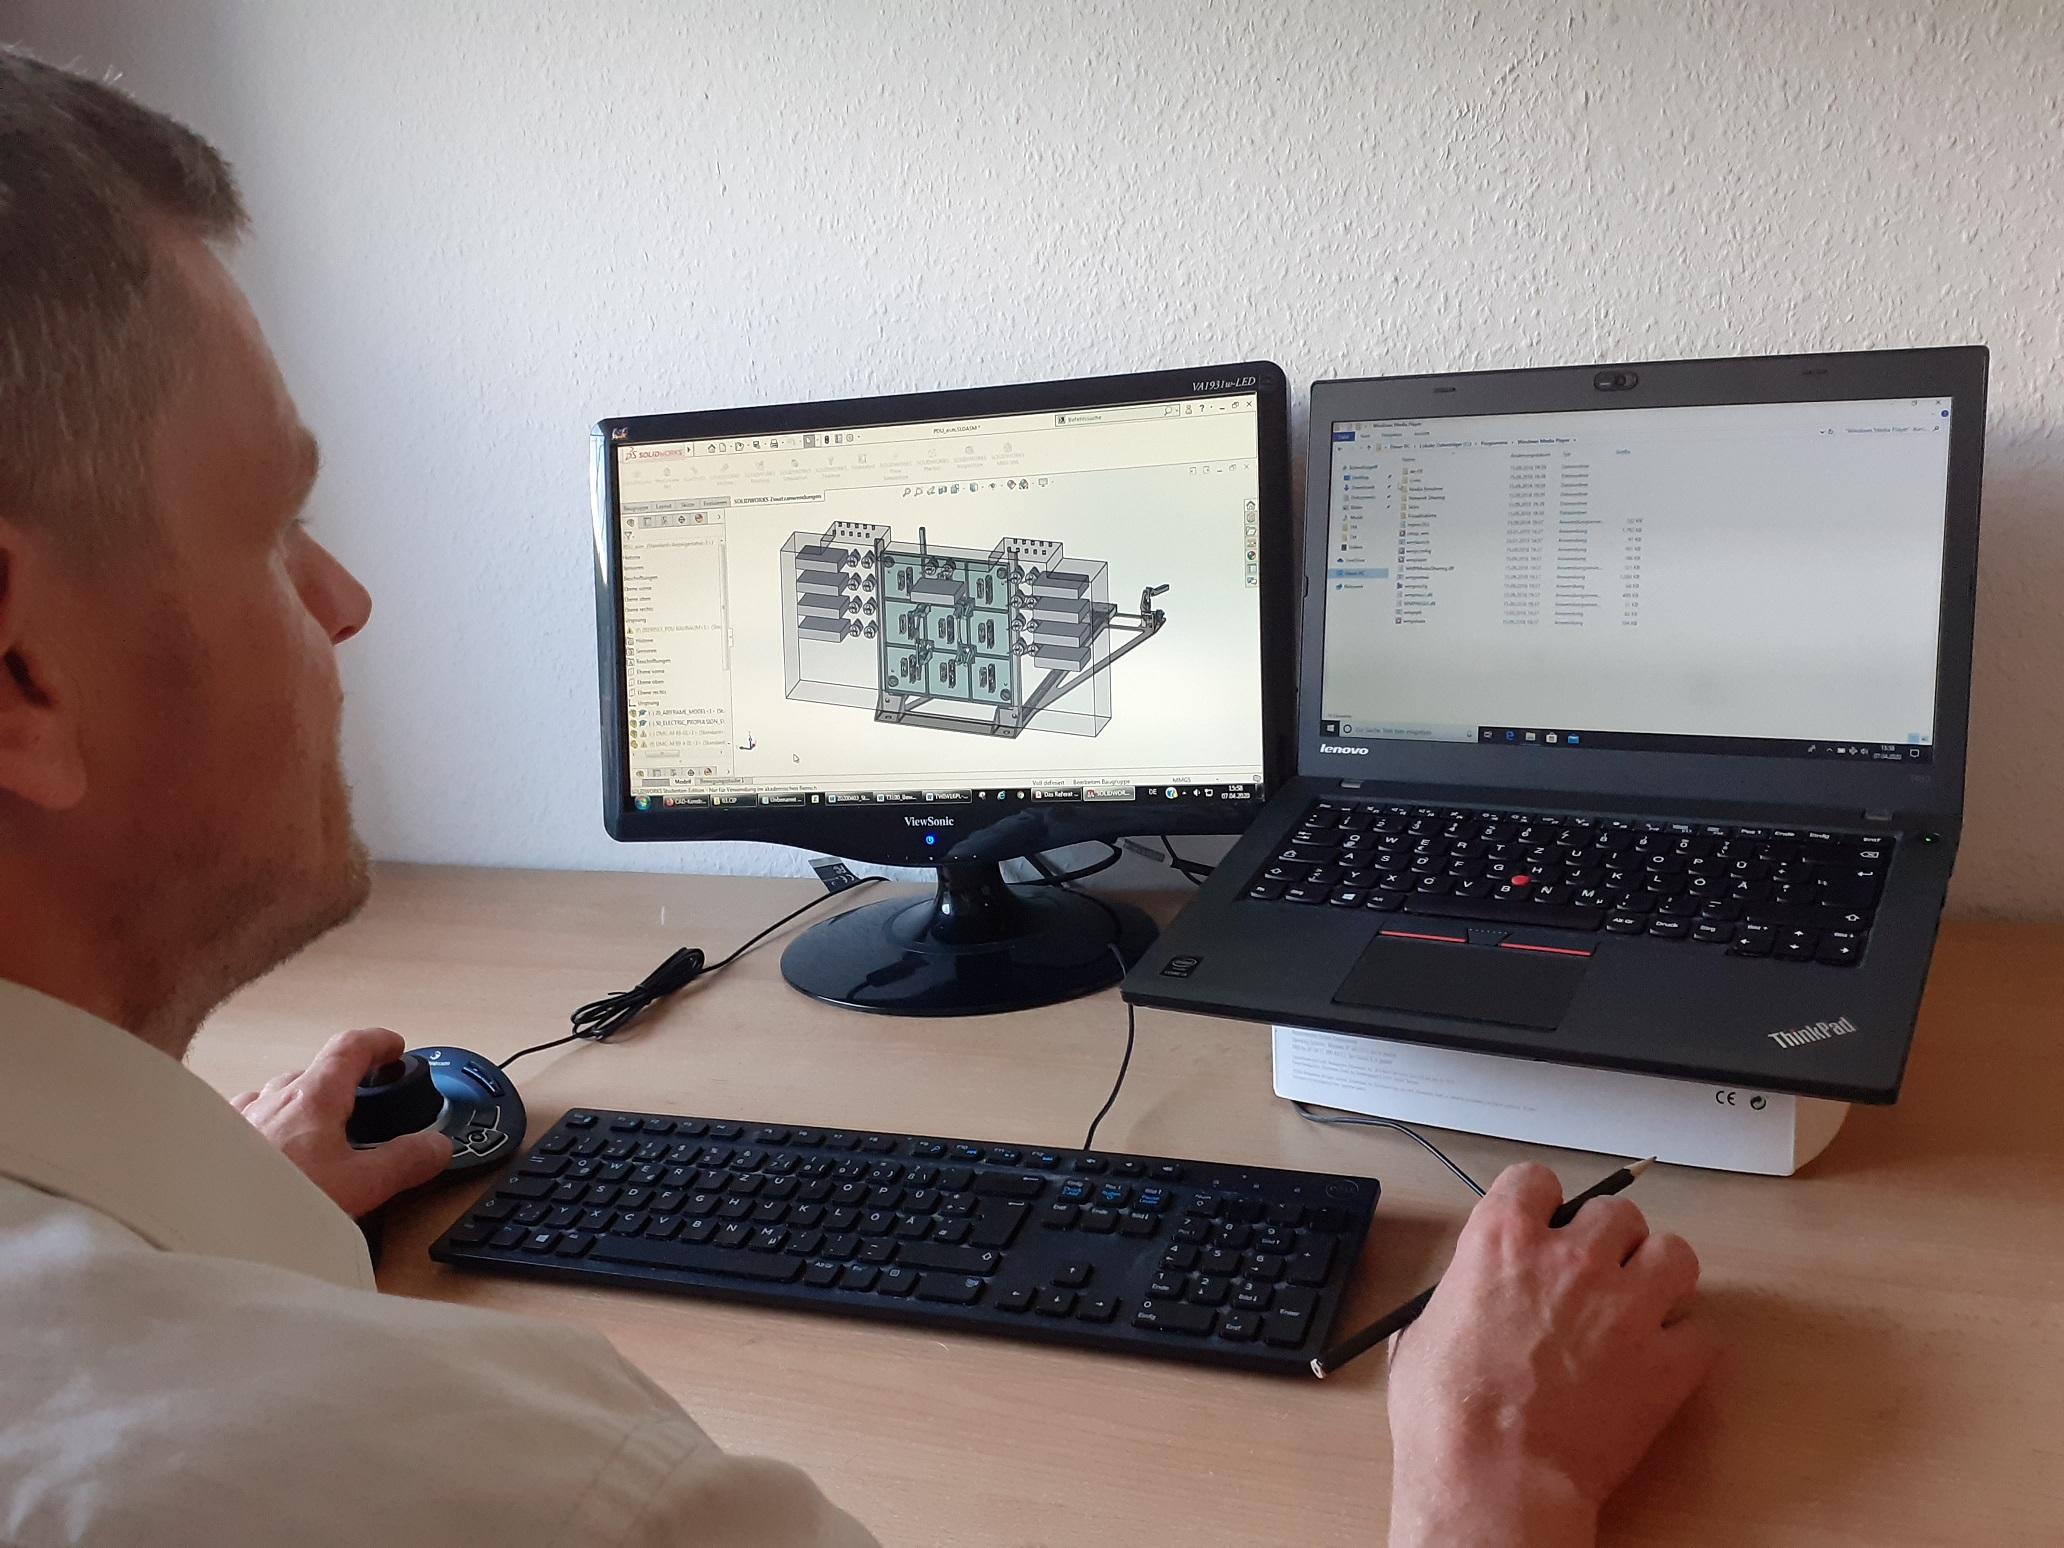 CAD-Konstruktion, CAE und FEM-Simulationen, Design, Entwicklung, , Dienstleistungen, Mobilität, Maschinenbau, Fahrzeugbau, Luftfahrt, Stahlbau, Produktentwicklung, 3D-Visualisierung, Computer Design, Computer Aided Design, Berechnung, Ideen zu realen Produkten, Konstruktionsbüro, Kreativität, technische Lösung, CAx-Systeme, Additive Fertigung, rapid Prototyping, 3D-Druck, Innovation, Robustheit, Zuverlässigkeit, Umsetzbarkeit, Werkzeug- und Vorrichtungsbau, Feinwerktechnik, Kunststofftechnik, Betriebsmittelkonstruktion, Prüfstände und Anlagenbau, Mess- und Prüfstände, Tribometer, Automatisierungstechnik, Rendering, Animation